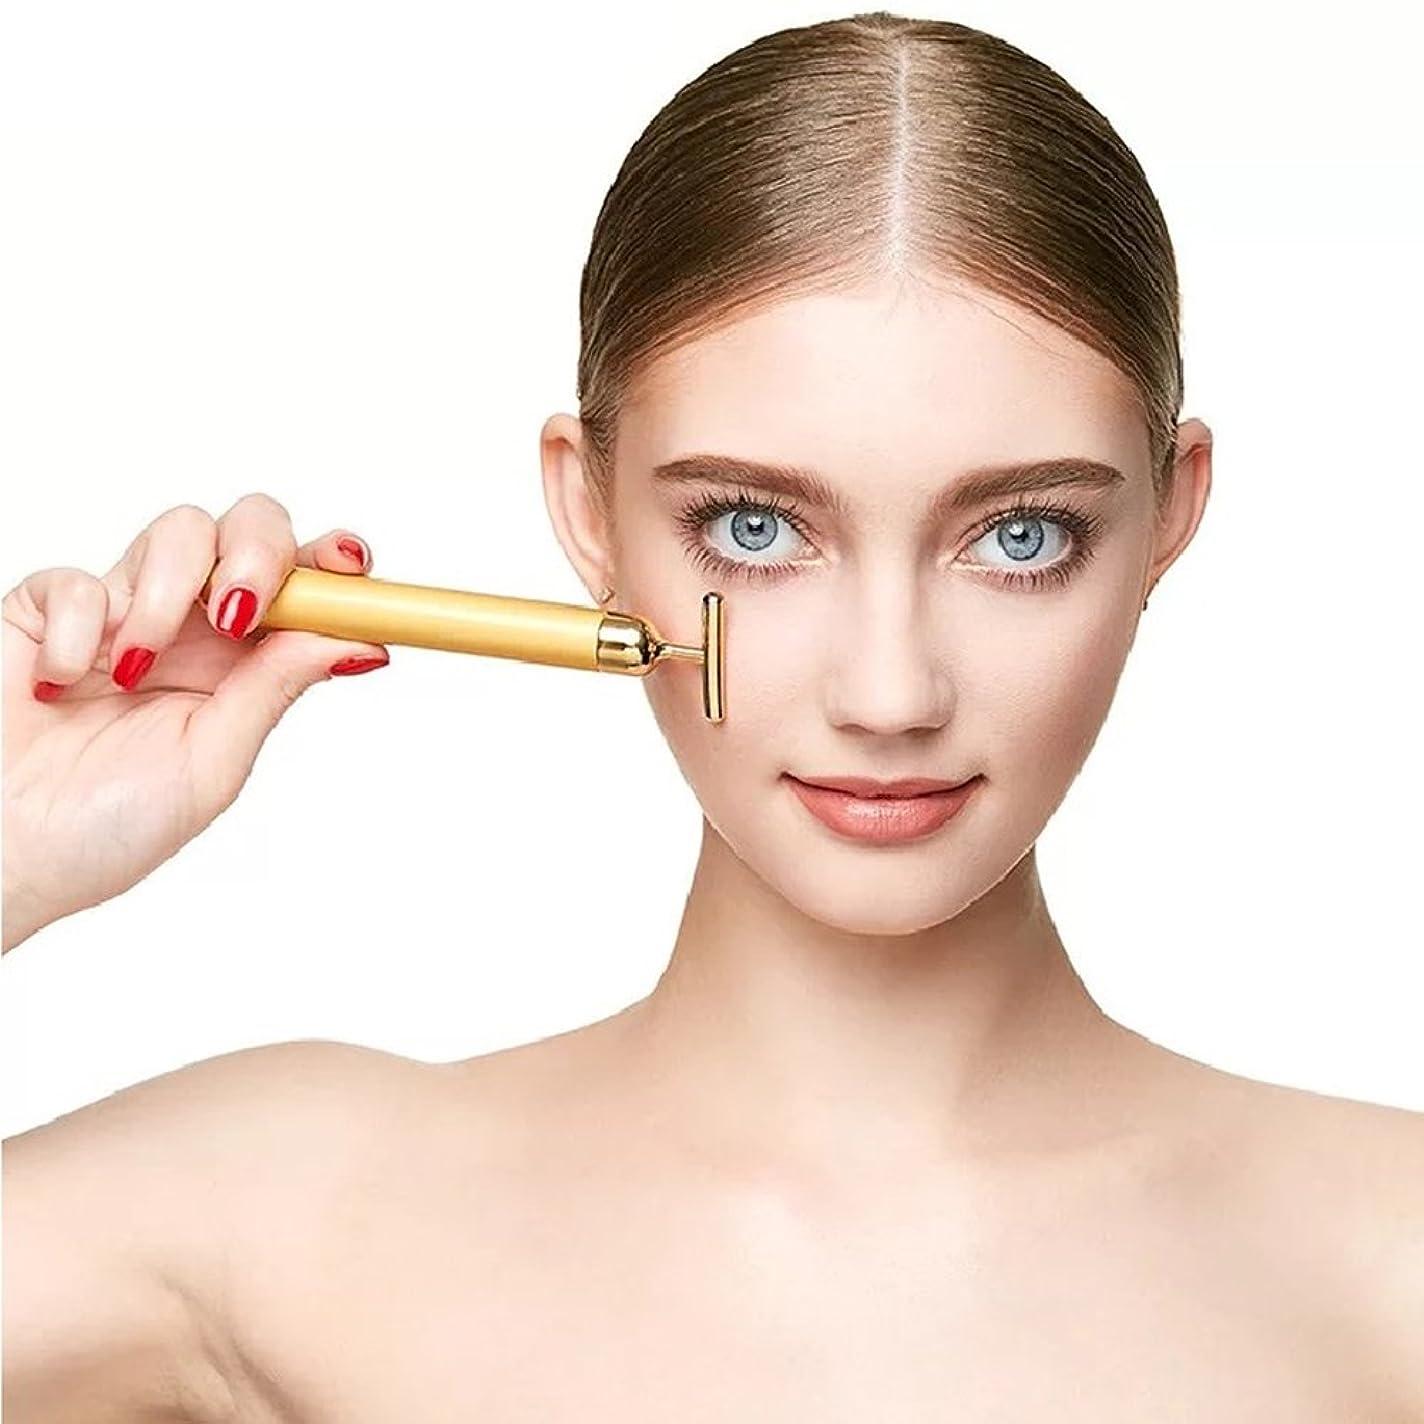 実質的ベル資格情報YSBER 24K Beauty Bar T型美肌 しわの除去/超音波美顔器